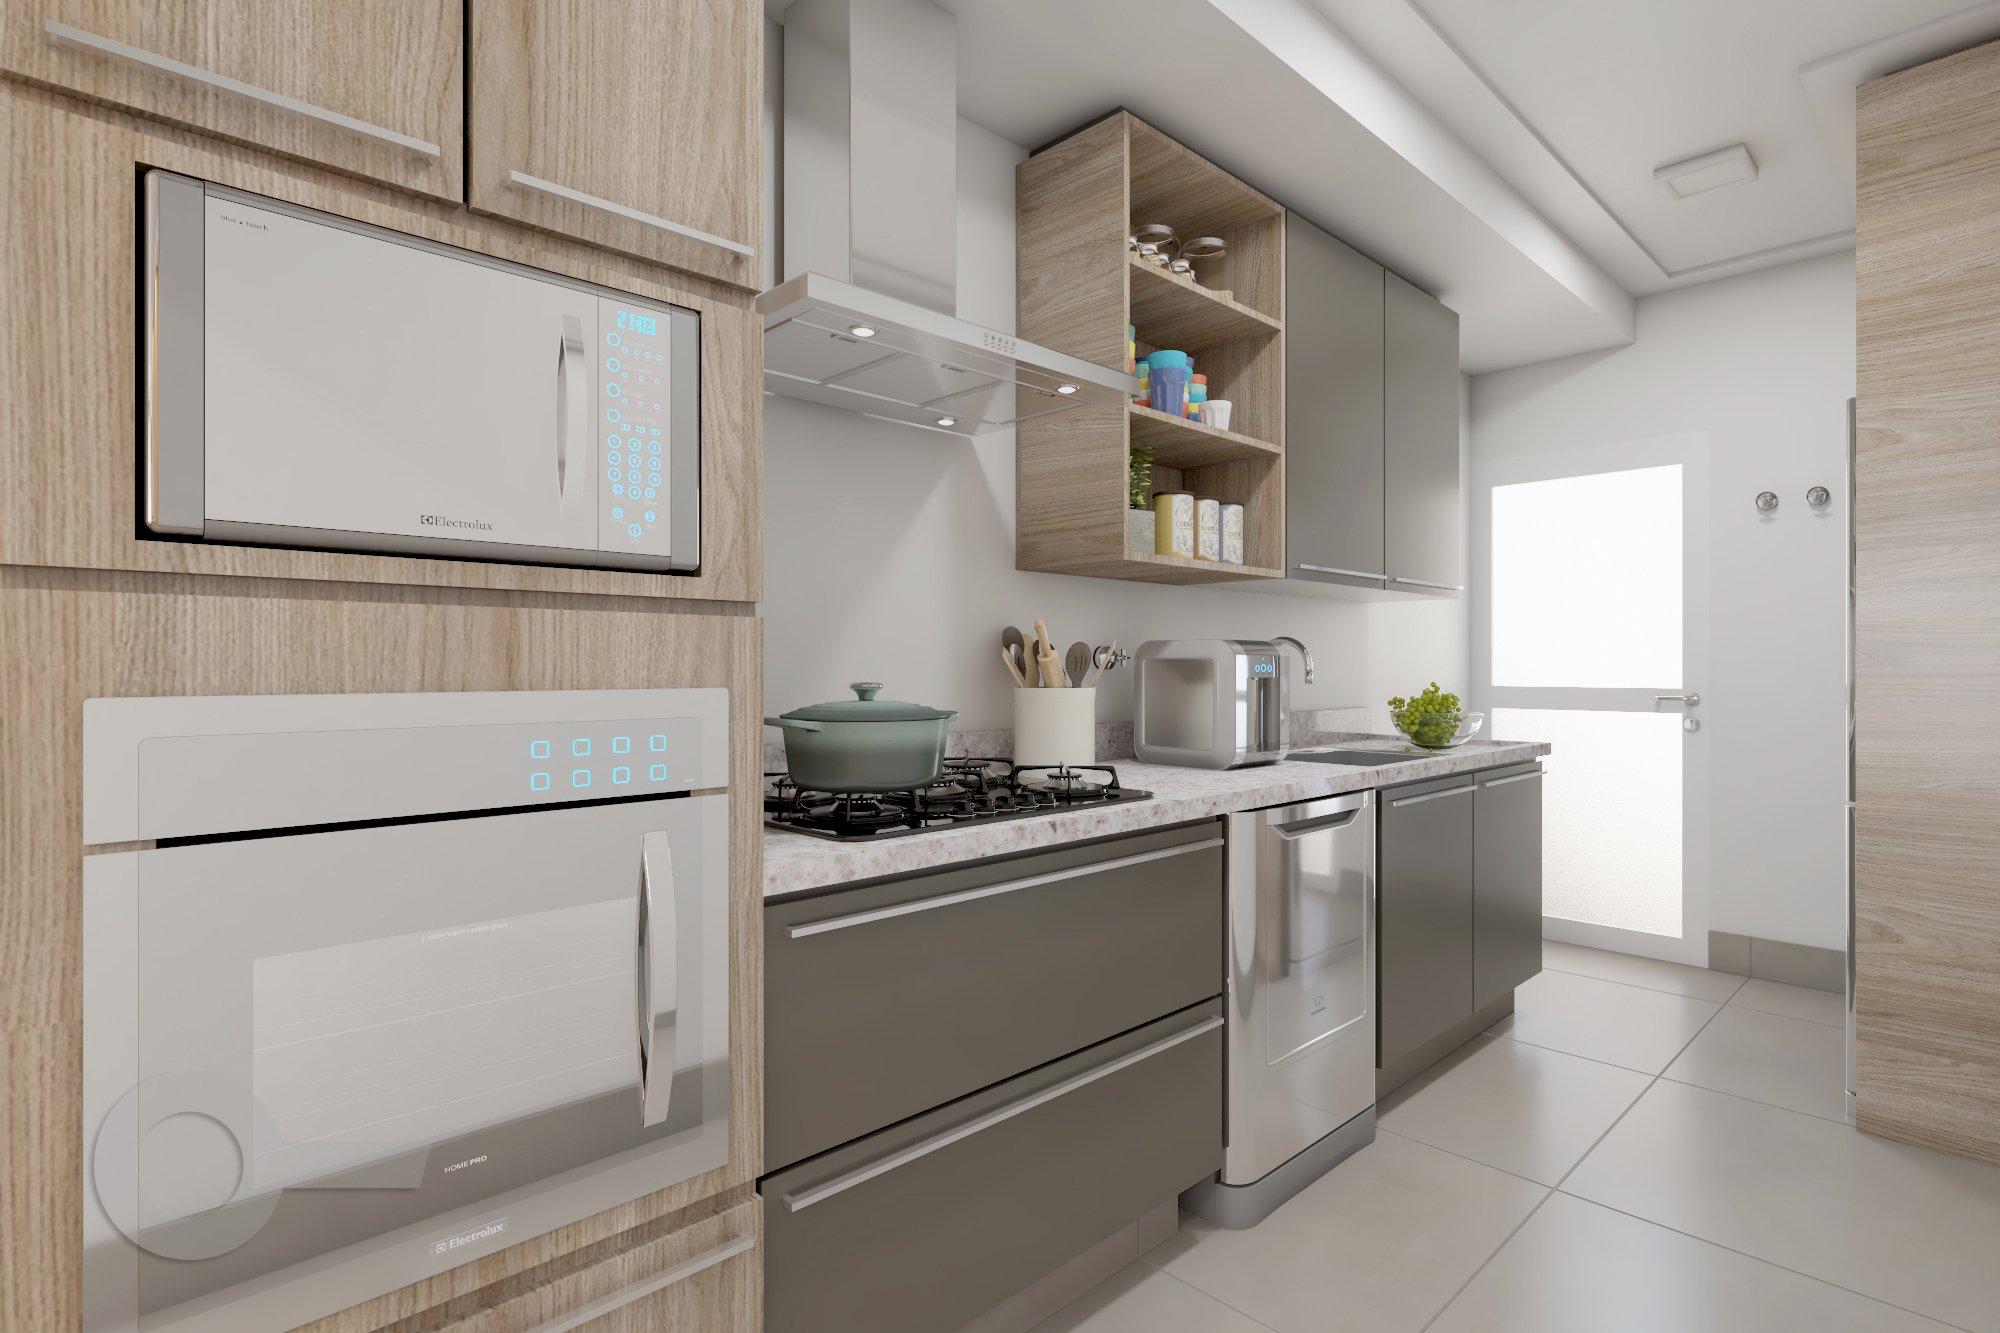 Foto de Cozinha com colher, garrafa, forno, microondas